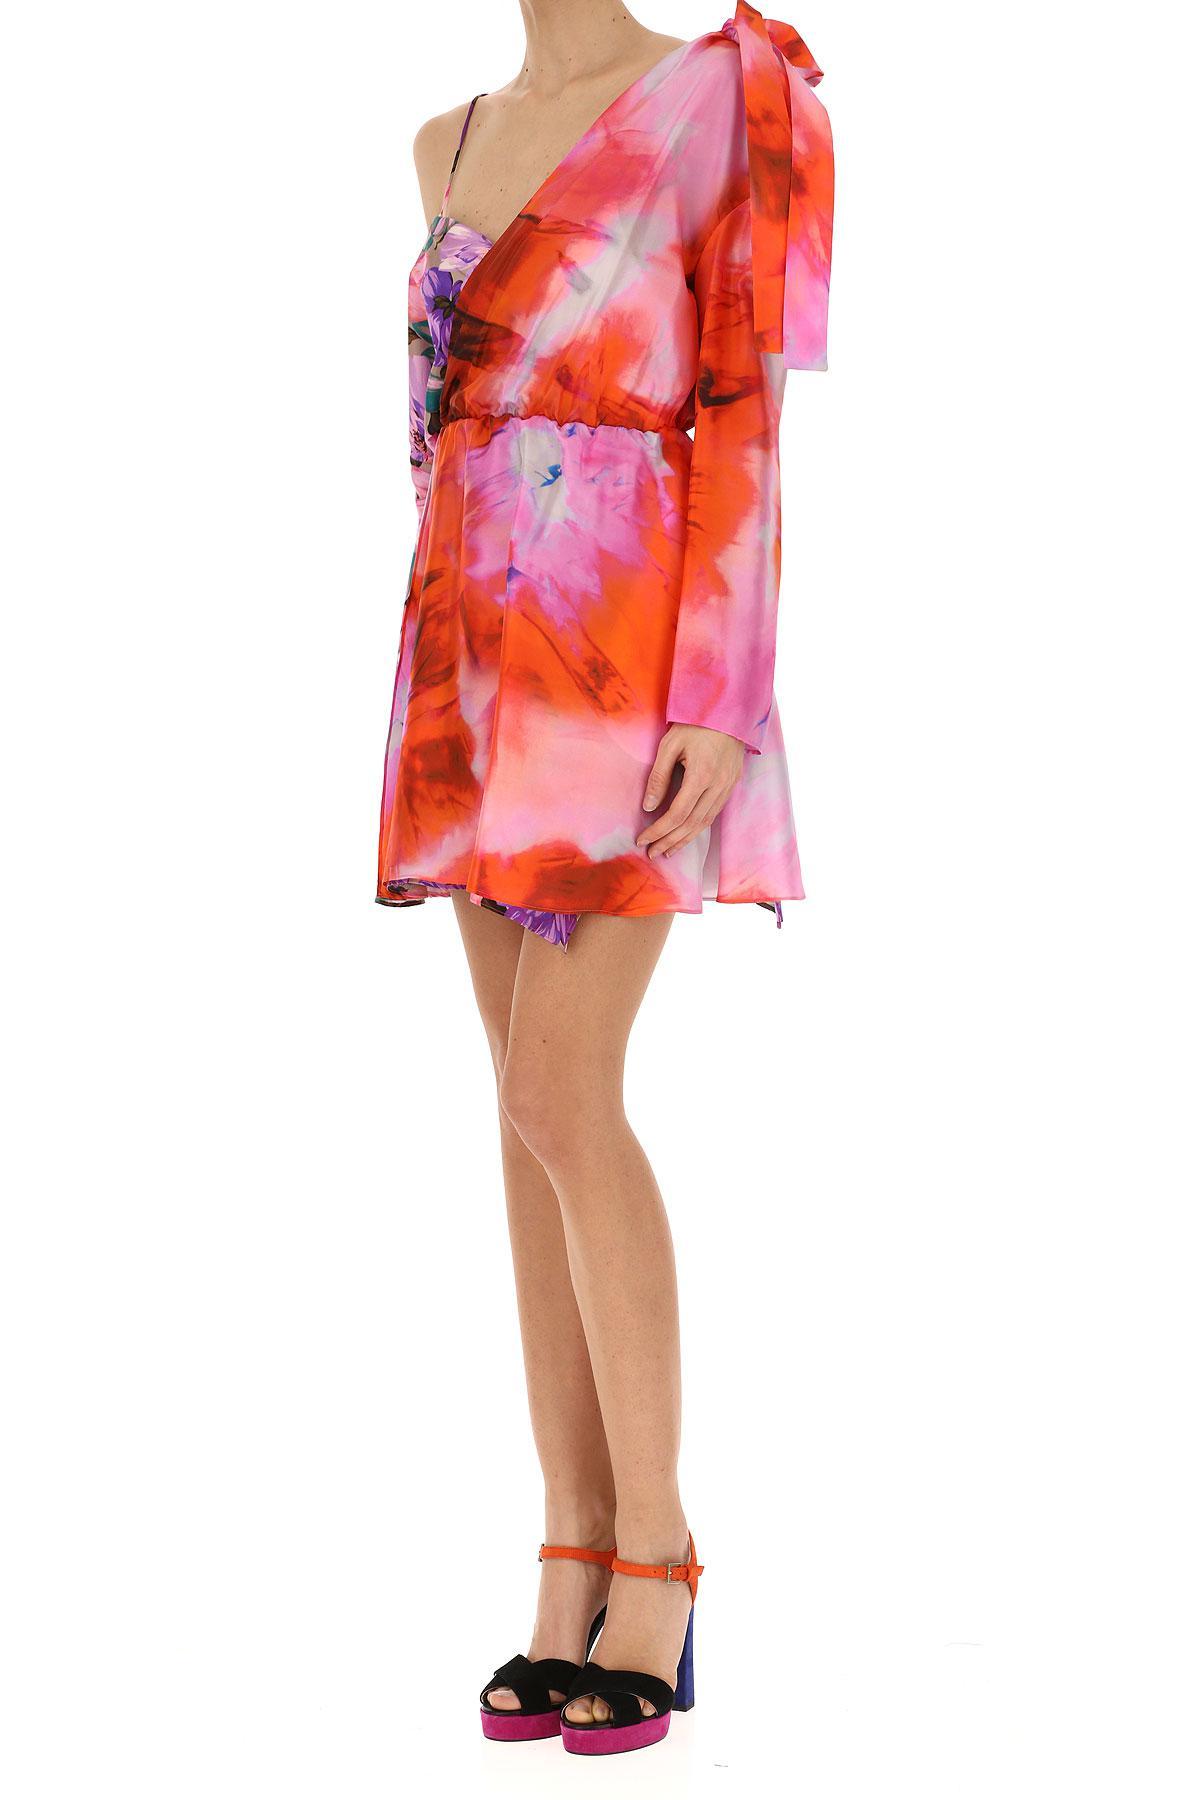 MSGM Seide Kleid für Damen Günstig im Sale in Rot - Sparen Sie 3% gR1a8